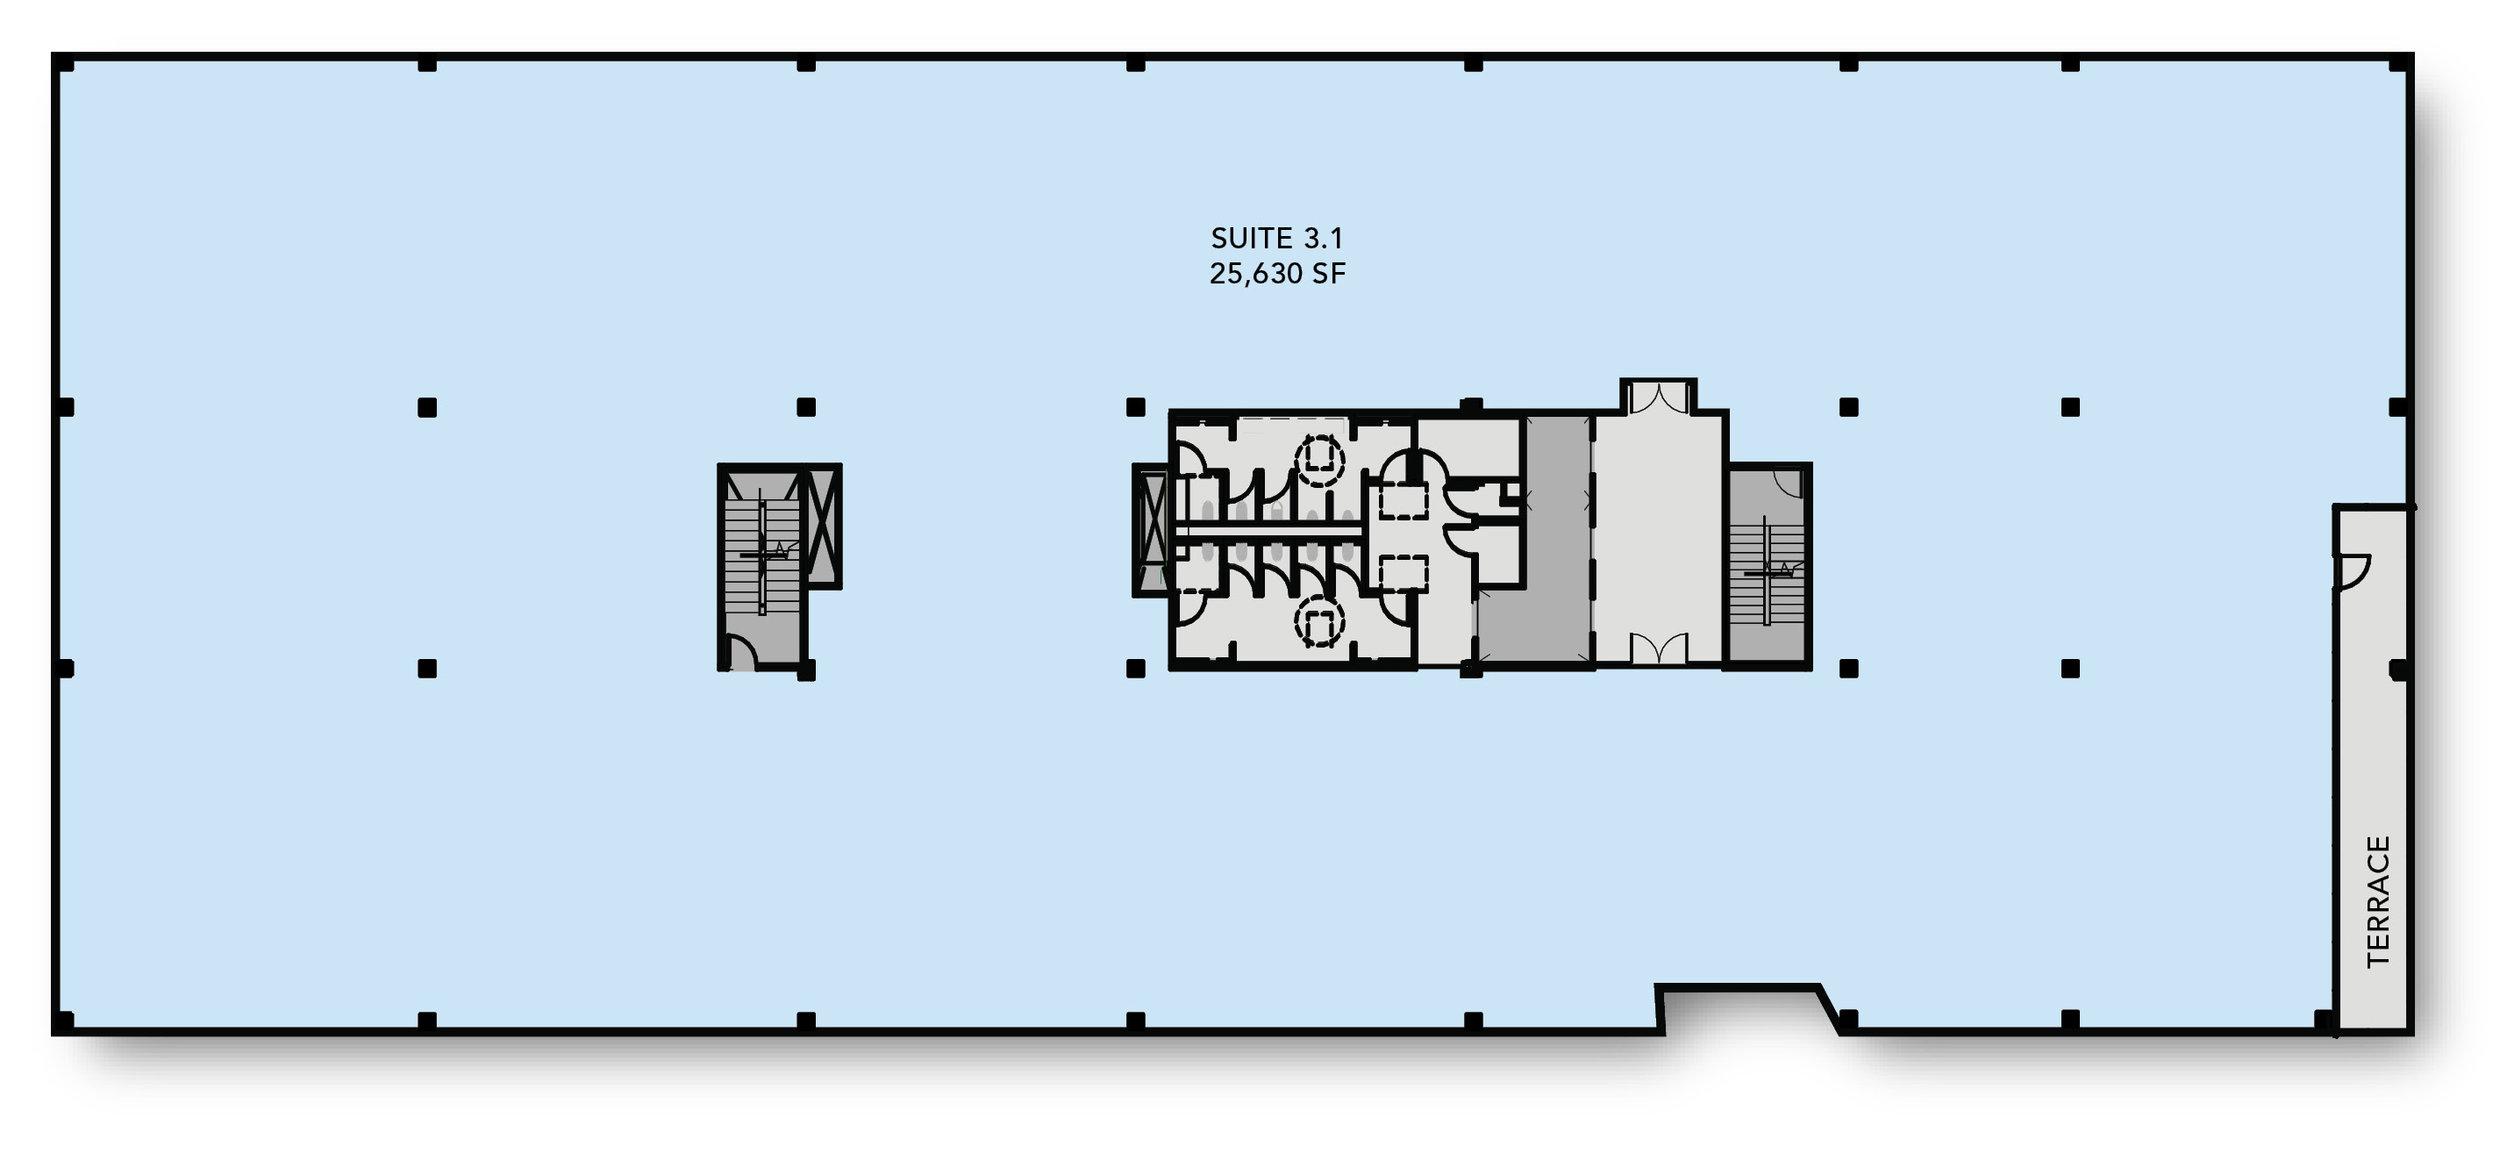 650Park_FloorplansSingleF3.jpg